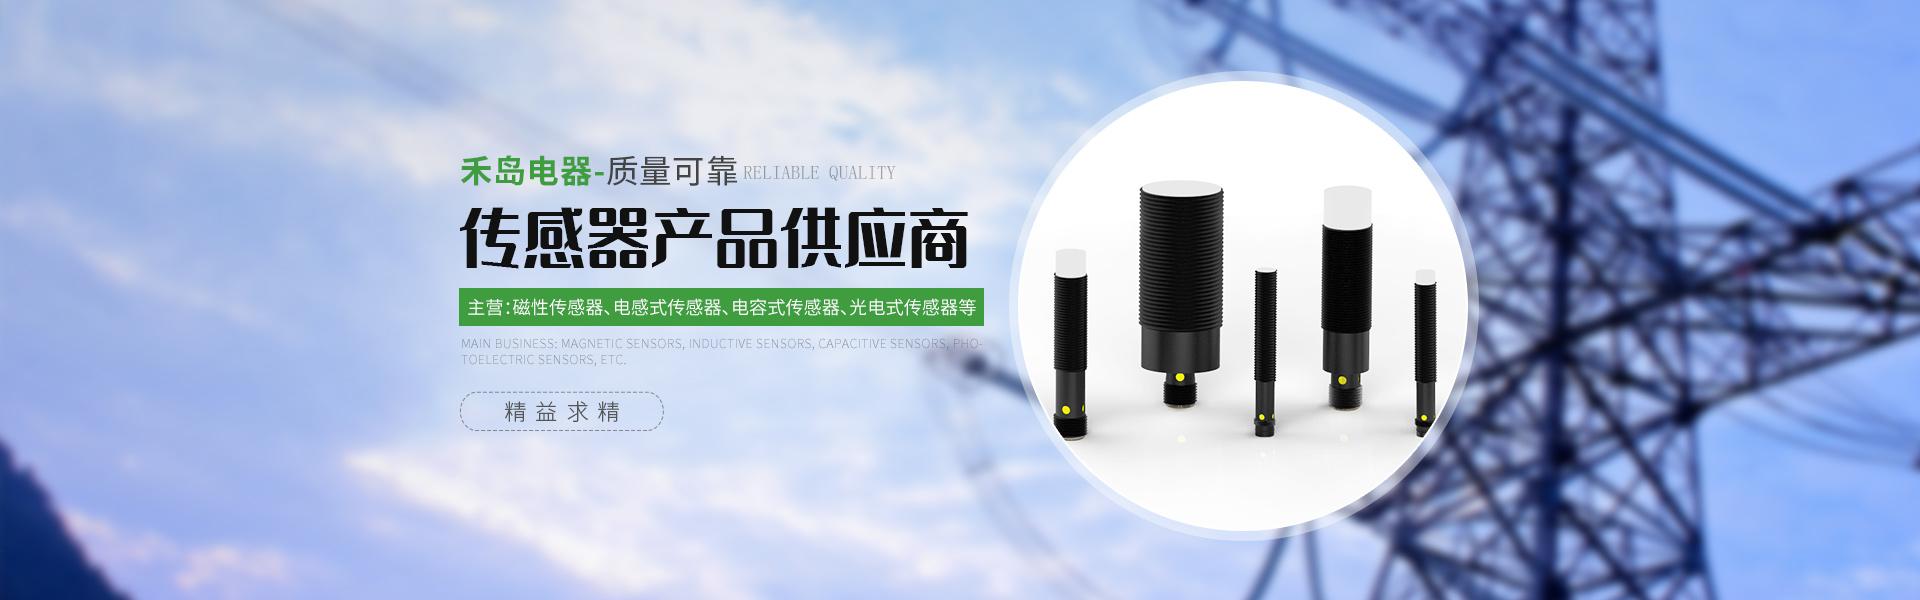 上海磁性传感器厂家